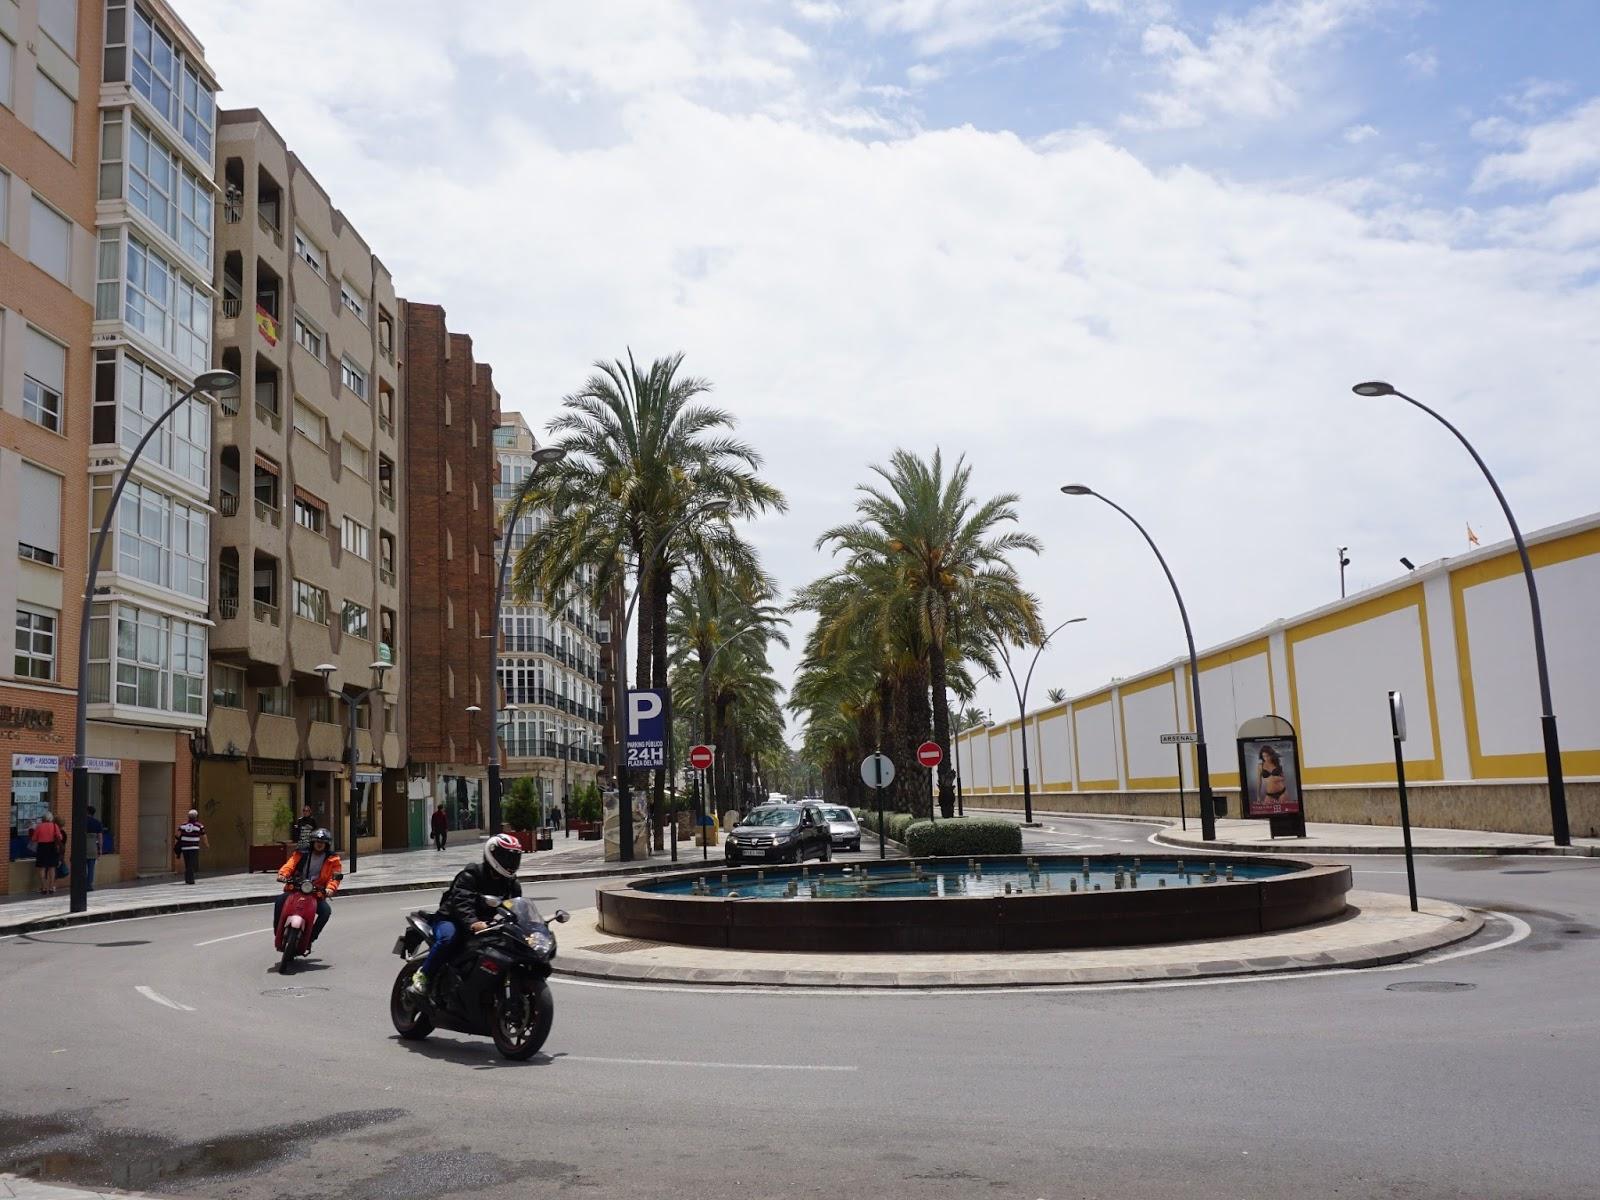 hiszpańskie miasto, Kartagena, panidorcia, blog, Hiszpania, podróże, rondo